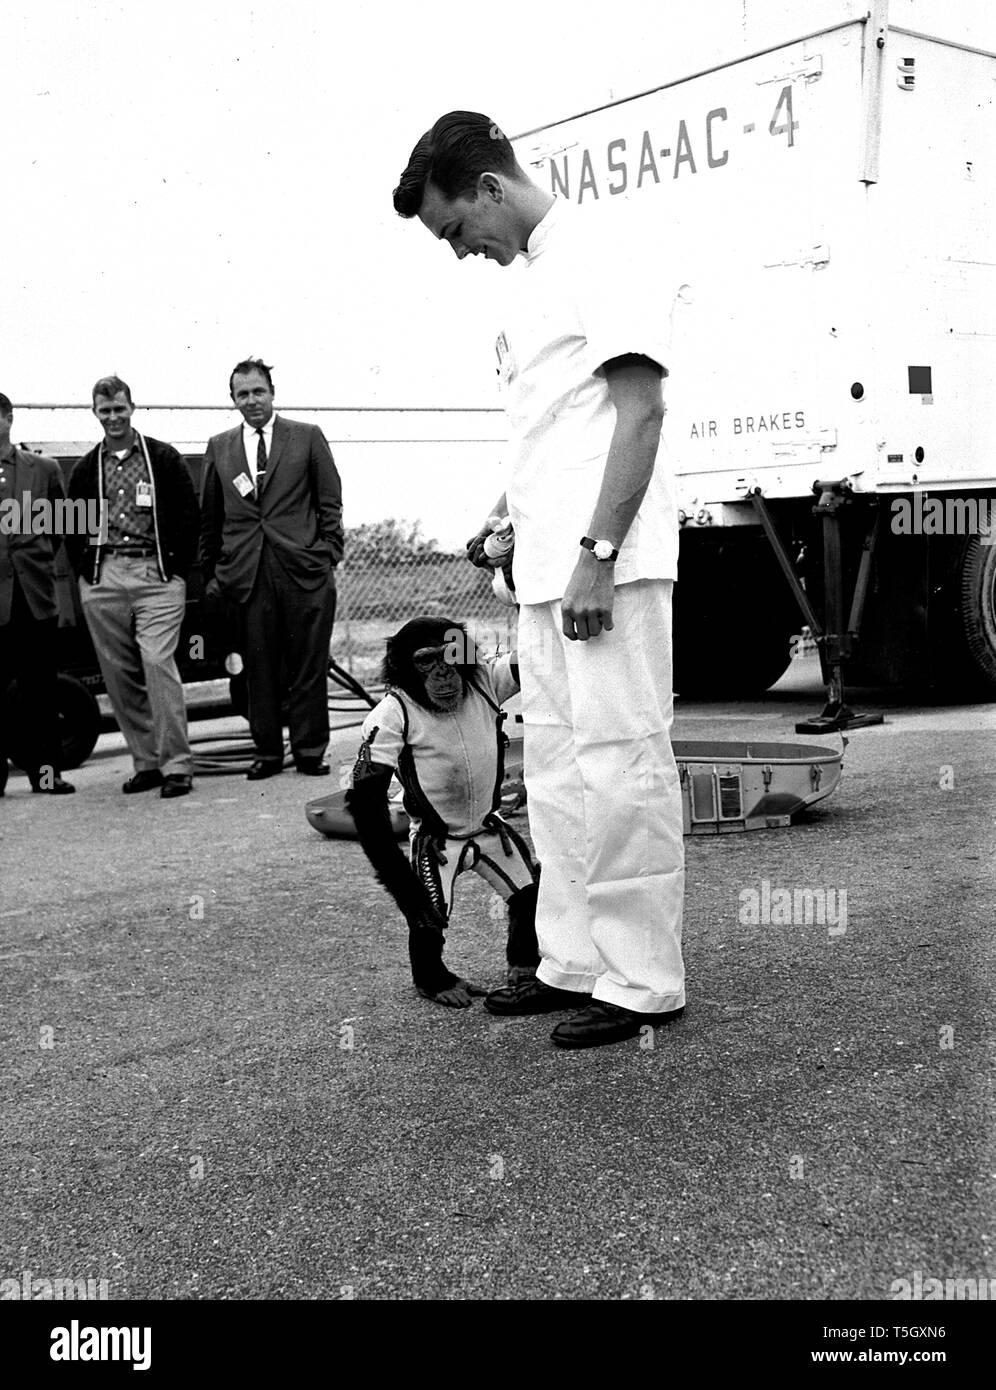 Dompteur, Schinken, der erste Schimpanse je in den Weltraum zu reiten, Cape Canaveral, Florida, 1961. Mit freundlicher Genehmigung der Nationalen Luft- und Raumfahrtbehörde (NASA). () Stockfoto